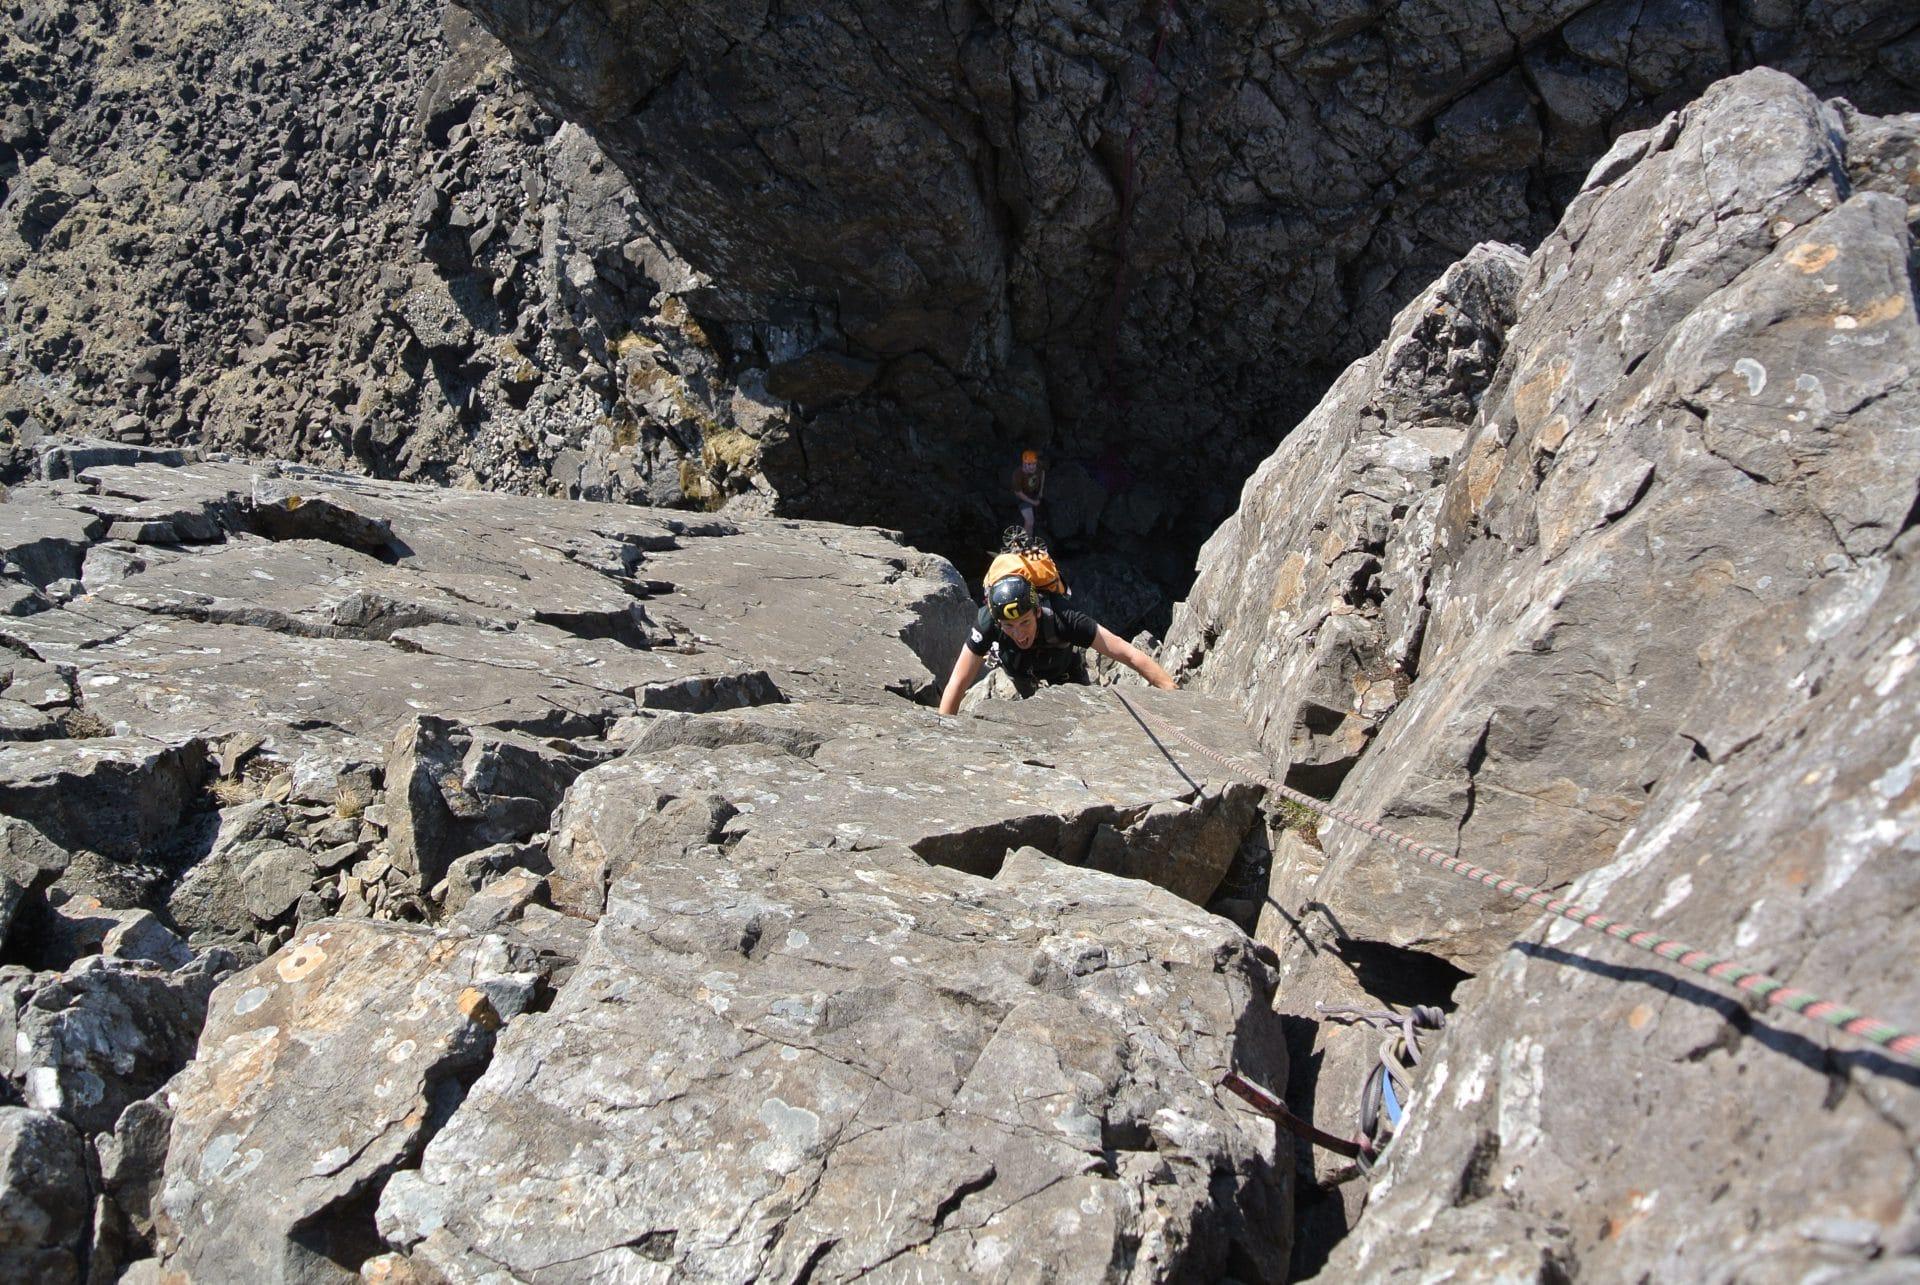 Helyum_Xavier-Carrard_Guide-de-montagne_Skye-Ridge_Ecosse_Alpinisme_Longueur-Cle